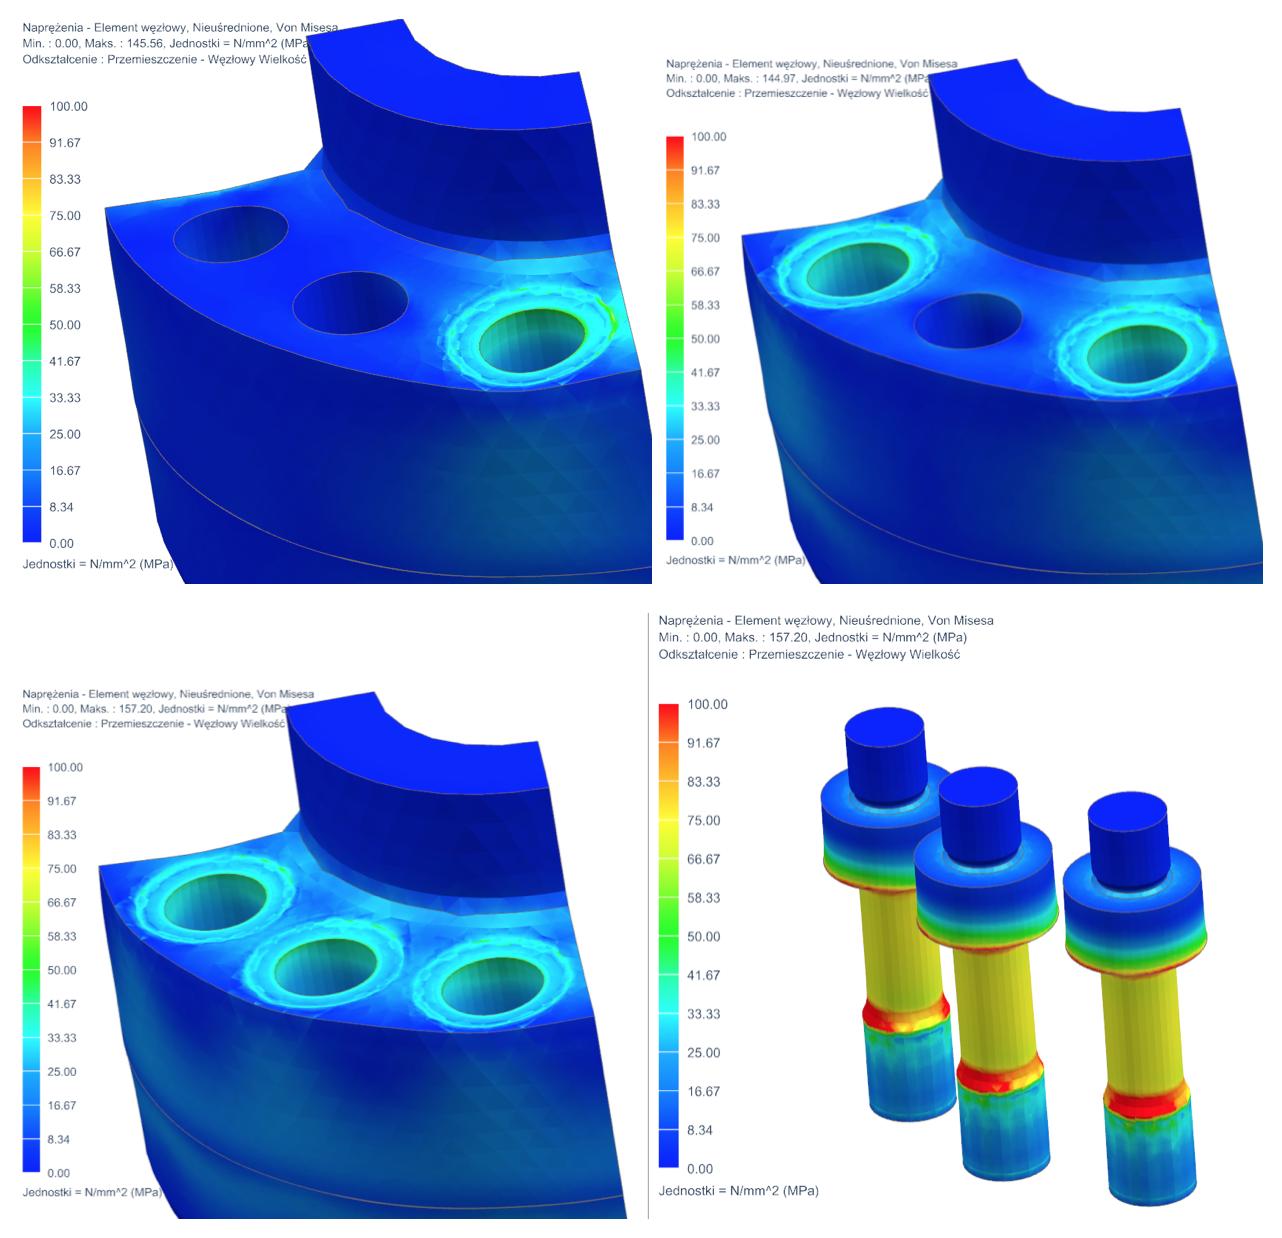 Naprężenia Von – Misesa na konstrukcji dla kolejno dociskanych śrub, oraz naprężenia Von Misesa na śrubach w kroku 3